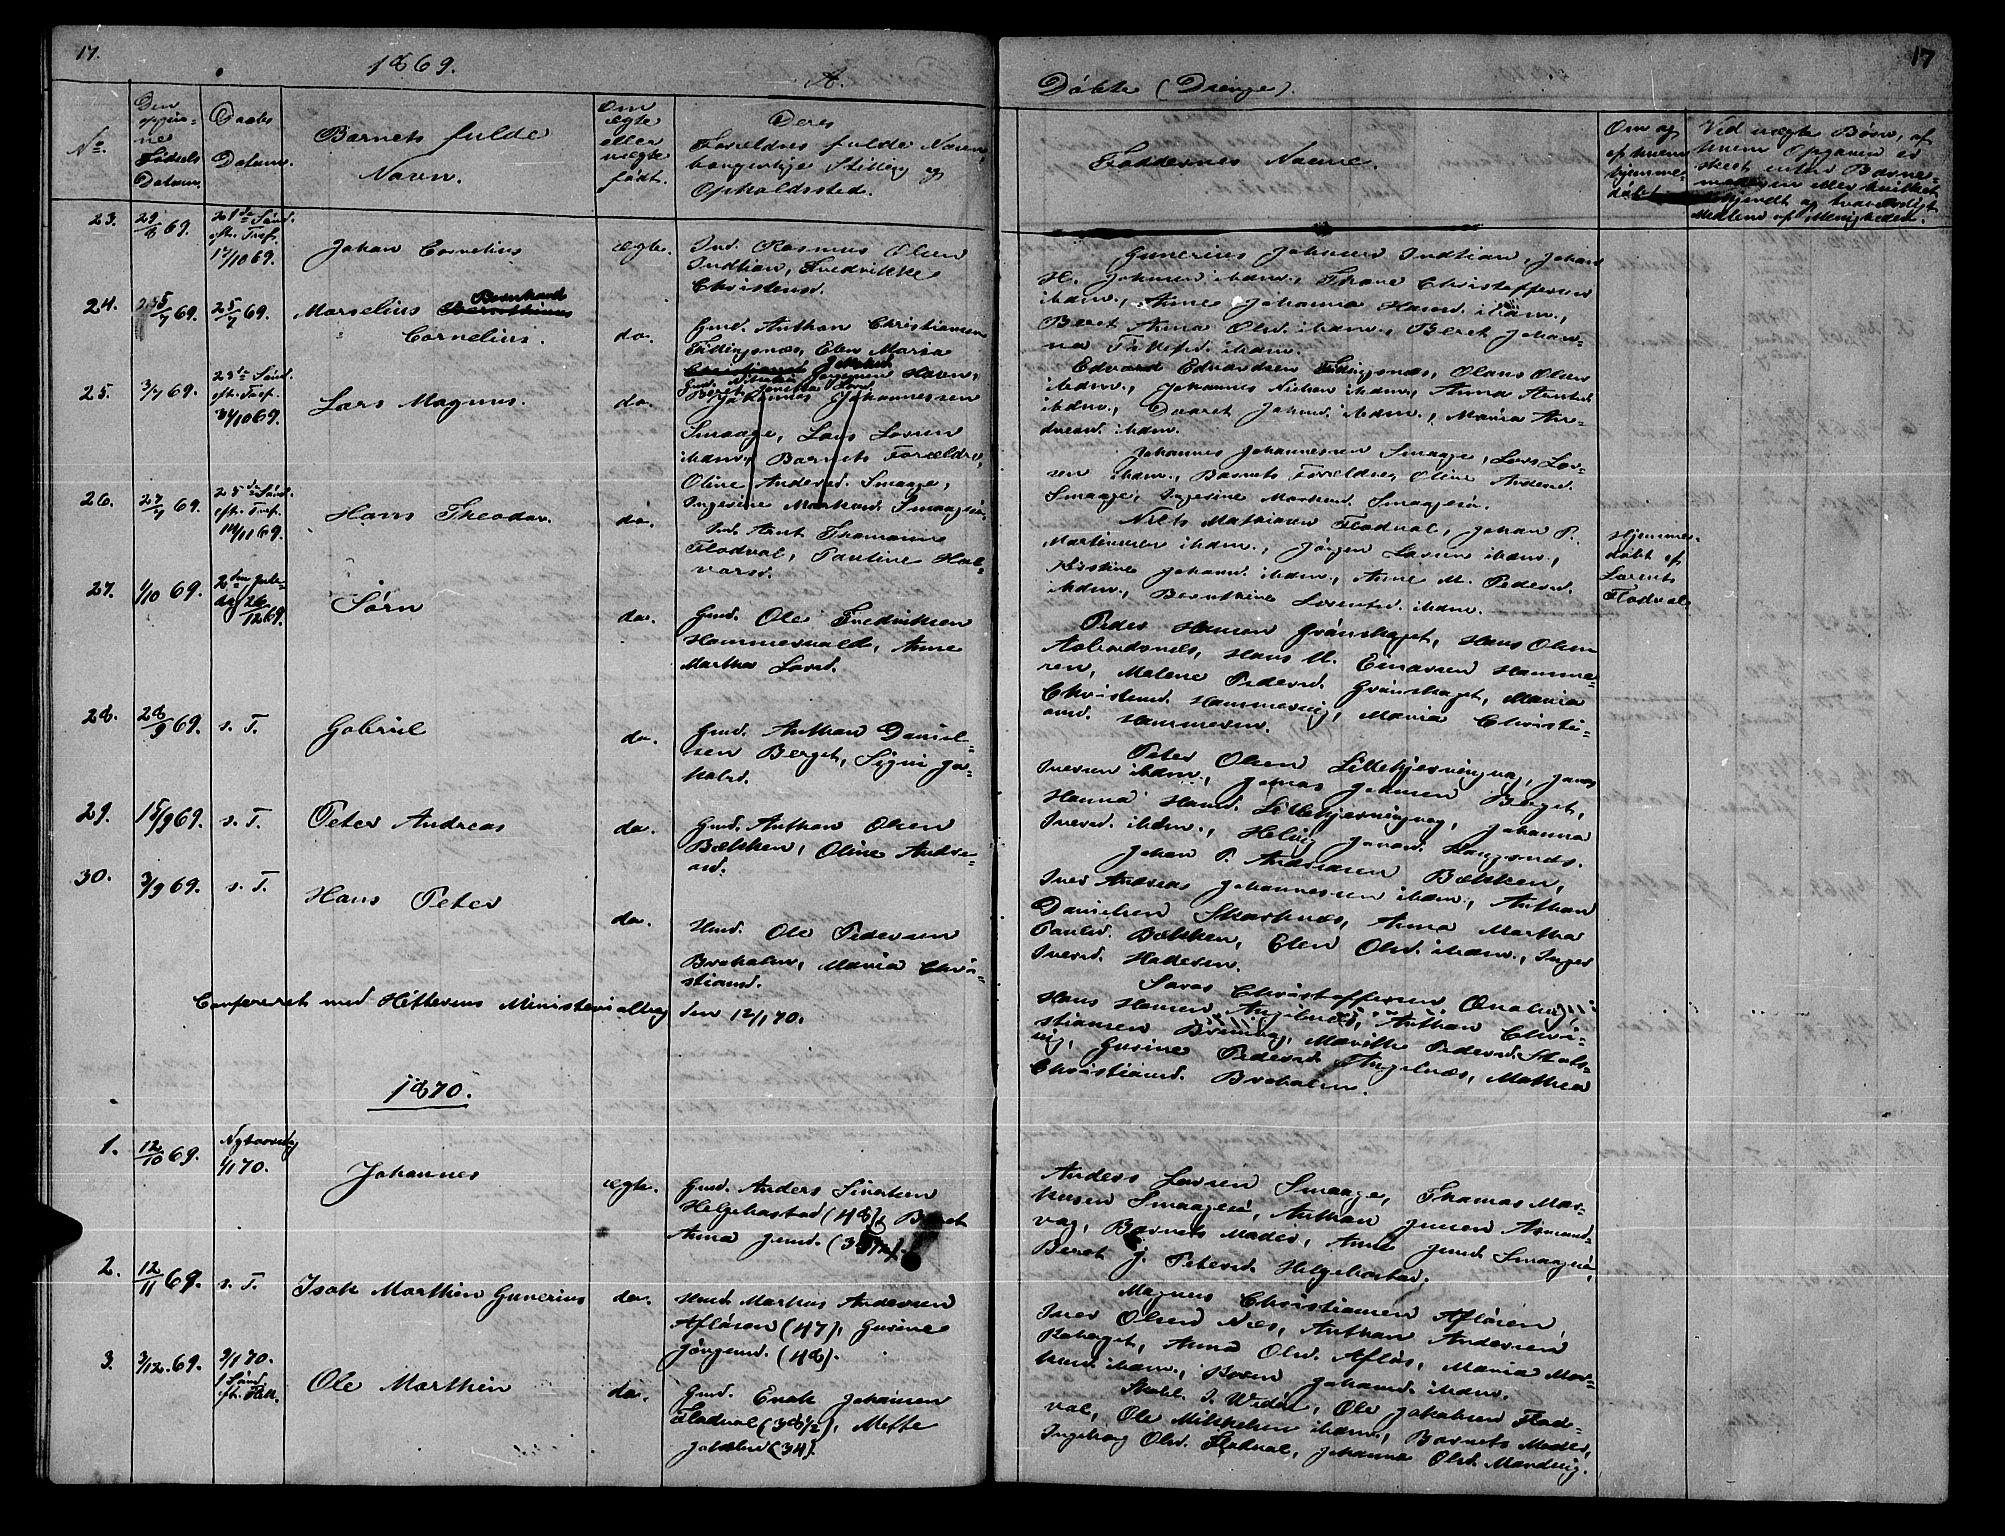 SAT, Ministerialprotokoller, klokkerbøker og fødselsregistre - Sør-Trøndelag, 634/L0539: Klokkerbok nr. 634C01, 1866-1873, s. 17